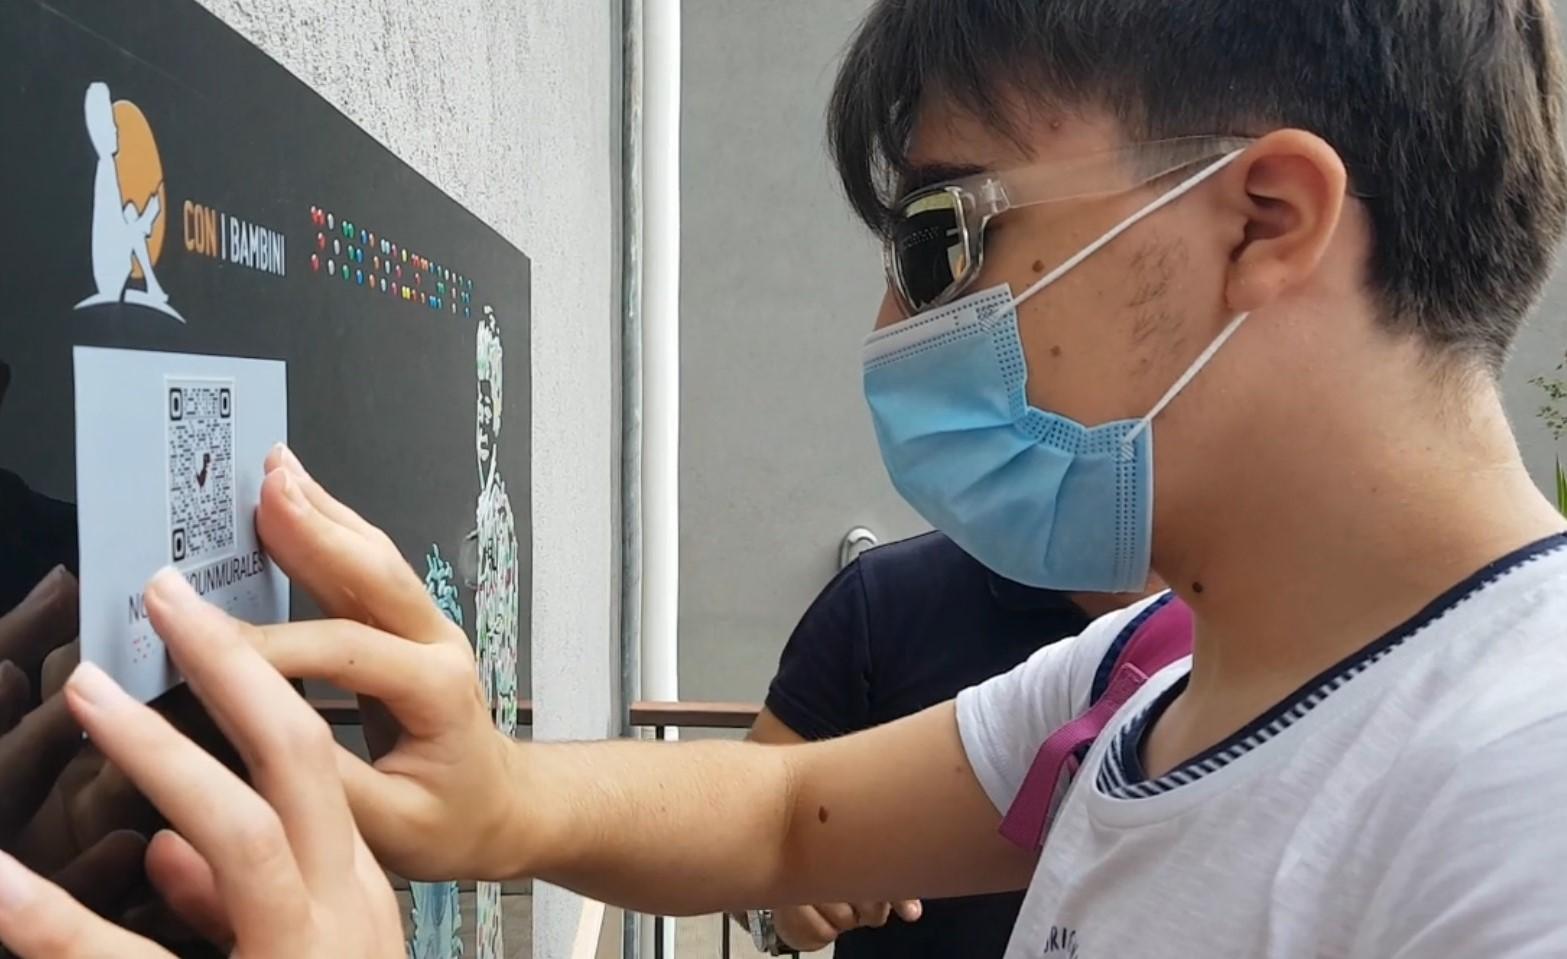 Catania, Unione italiana ciechi: un murale a rilievo realizzato dalla Stamperia Braille